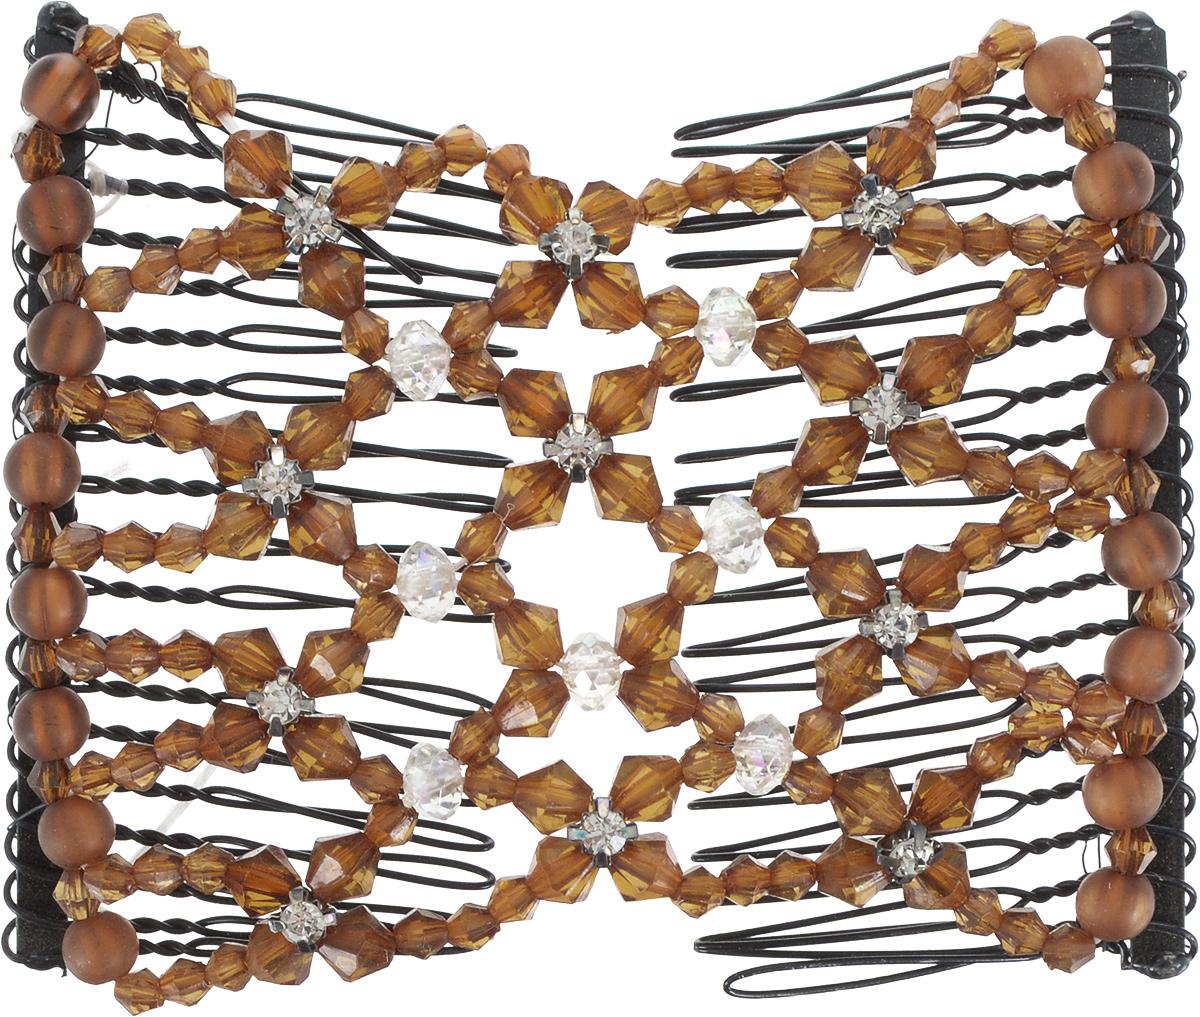 EZ-Combs Заколка Изи-Комбс, одинарная, цвет: коричневый. ЗИО_стразыЗИО_коричневый, стразыУдобная и практичная EZ-Combs подходит для любого типа волос: тонких, жестких, вьющихся или прямых, и не наносит им никакого вреда. Заколка не мешает движениям головы и не создает дискомфорта, когда вы отдыхаете или управляете автомобилем. Каждый гребень имеет по 20 зубьев для надежной фиксации заколки на волосах! И даже во время бега и интенсивных тренировок в спортзале EZ-Combs не падает; она прочно фиксирует прическу, сохраняя укладку в первозданном виде.Небольшая и легкая заколка для волос EZ-Combs поместится в любой дамской сумочке, позволяя быстро и без особых усилий создавать неповторимые прически там, где вам это удобно. Гребень прекрасно сочетается с любой одеждой: будь это классический или спортивный стиль, завершая гармоничный облик современной леди. И неважно, какой образ жизни вы ведете, если у вас есть EZ-Combs, вы всегда будете выглядеть потрясающе.